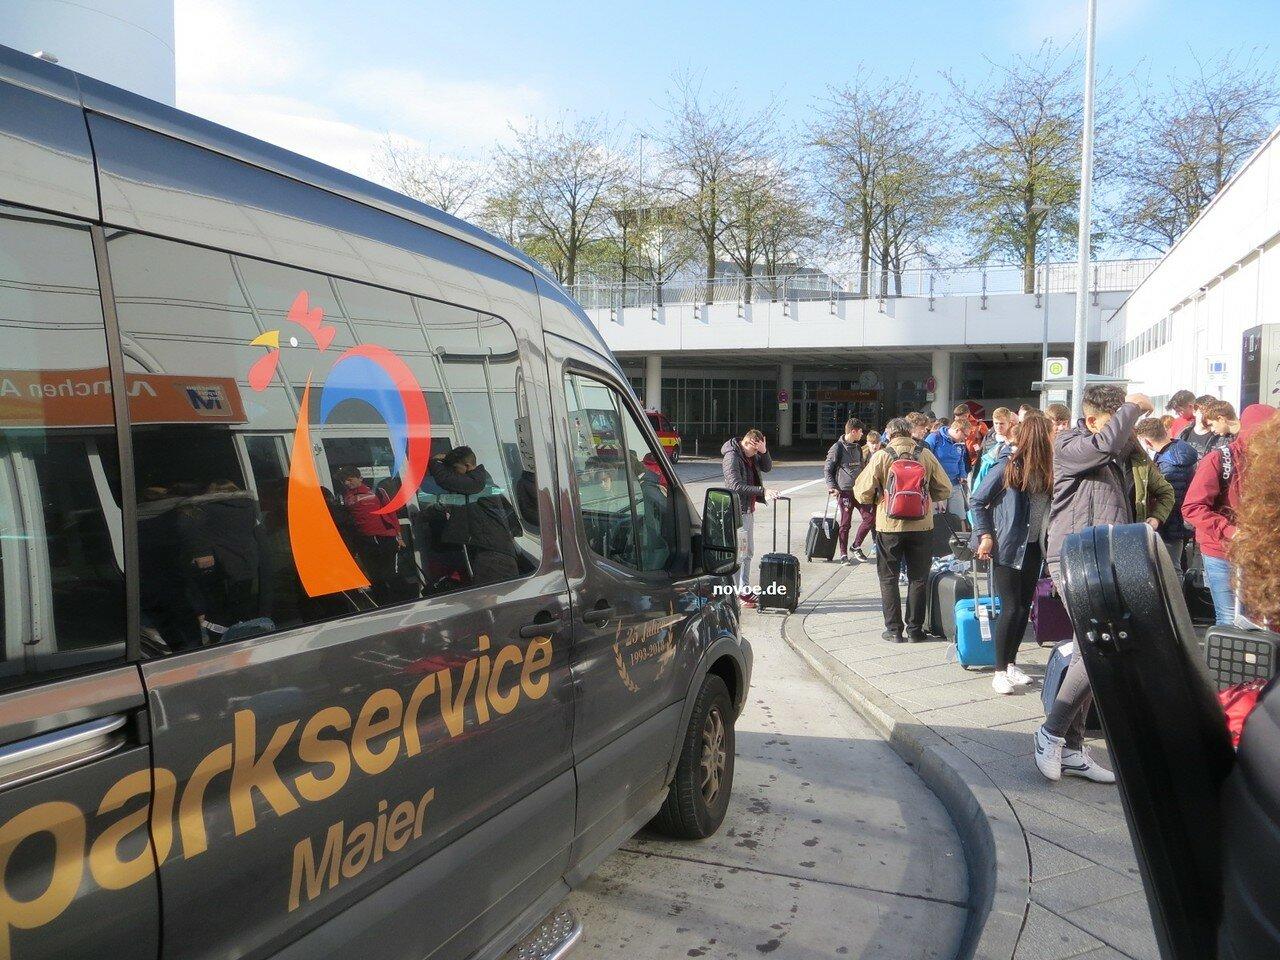 Аэропорт Мюнхена. Парковка на частной стоянке. Собственный опыт